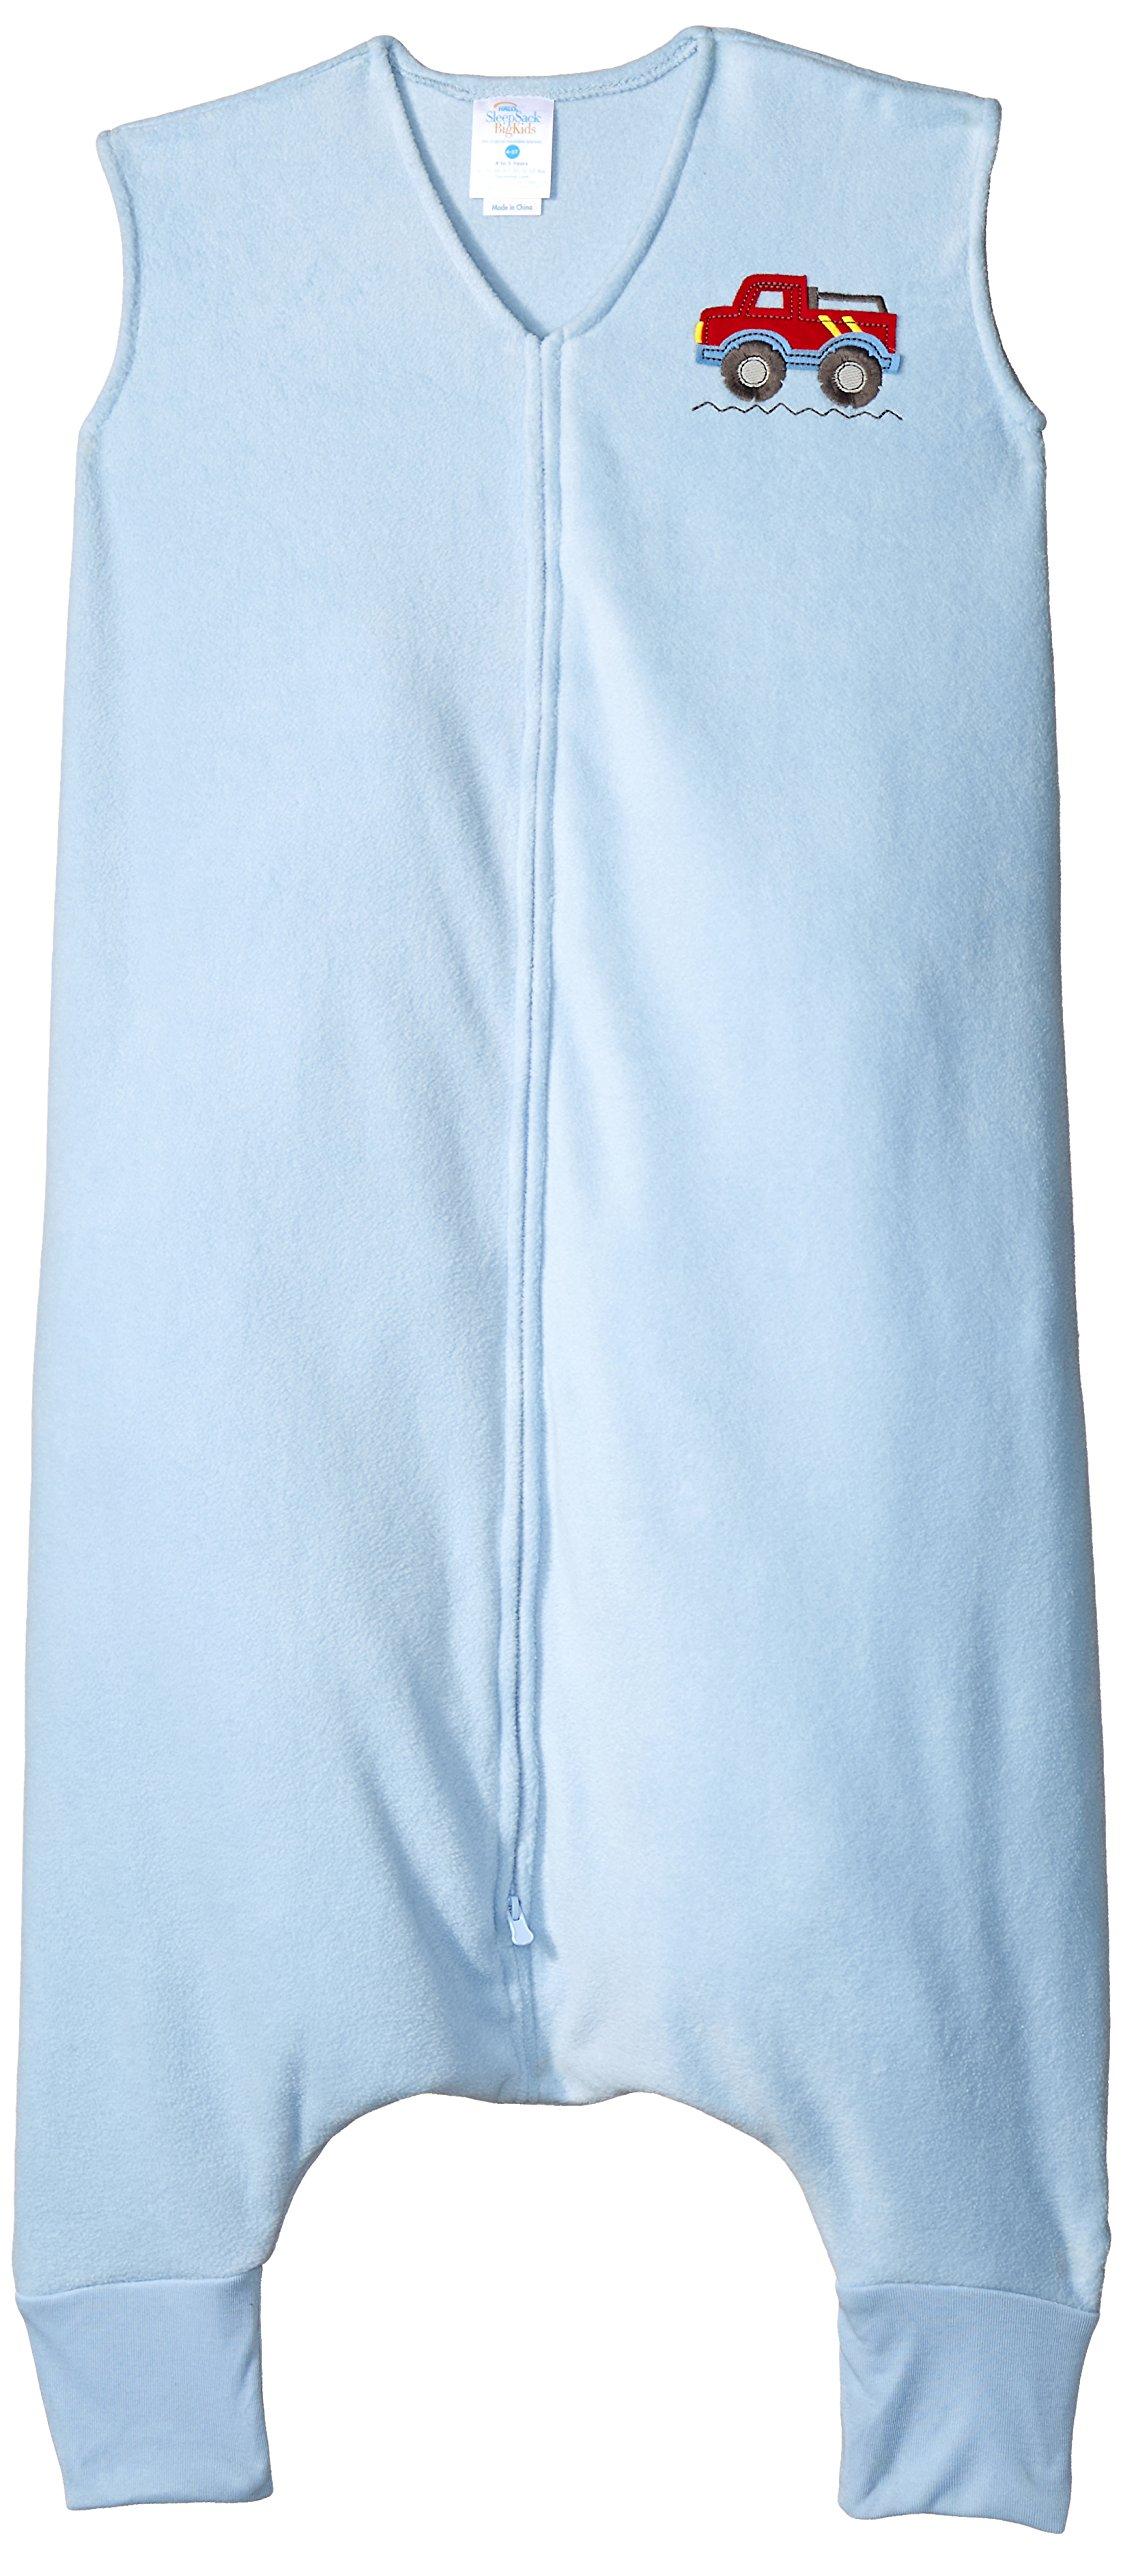 HALO Big Kids Sleepsack Wearable Blanket Micro Fleece, Blue, 4-5T by Halo